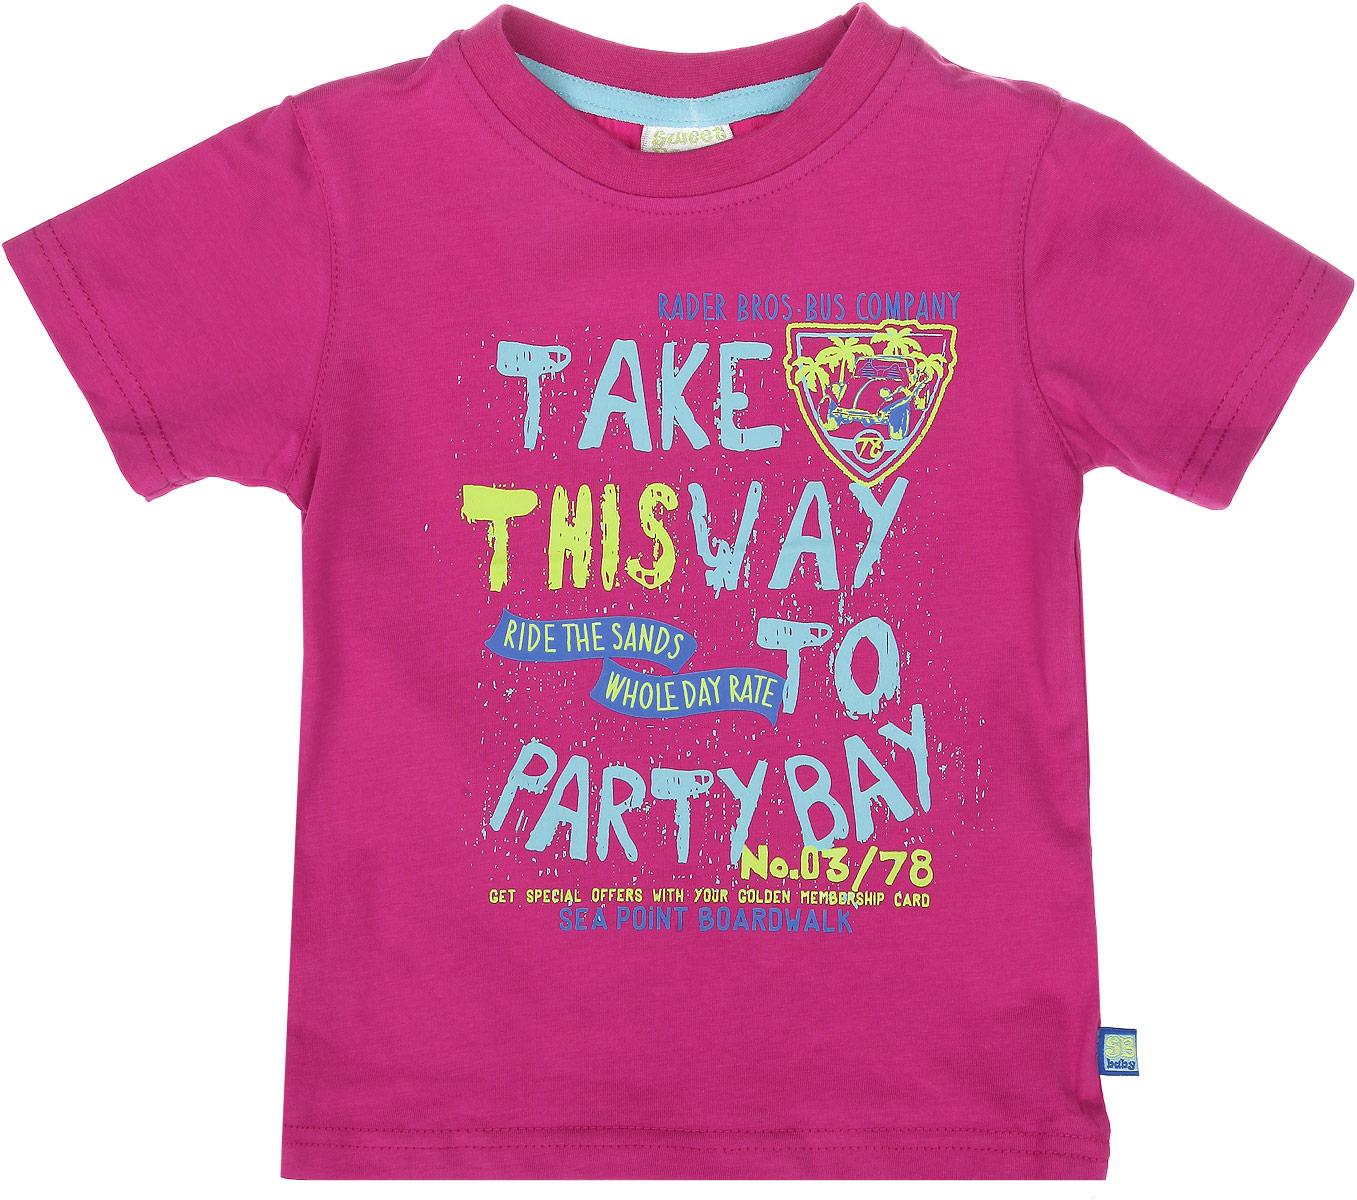 Футболка для мальчика. 196142196142Яркая футболка для мальчика Sweet Berry идеально подойдет вашему маленькому непоседе. Изготовленная из хлопка с небольшим добавлением эластана, она необычайно мягкая и приятная на ощупь, не сковывает движения и позволяет коже дышать, не раздражает даже самую нежную и чувствительную кожу ребенка, обеспечивая ему наибольший комфорт. Футболка с круглым вырезом горловины оформлена модным принтом с надписями на английском языке. Вырез горловины дополнен трикотажной эластичной резинкой. Современный дизайн и расцветка делают эту футболку стильным предметом детского гардероба. В ней ваш ребенок будет чувствовать себя уютно и комфортно и всегда будет в центре внимания!